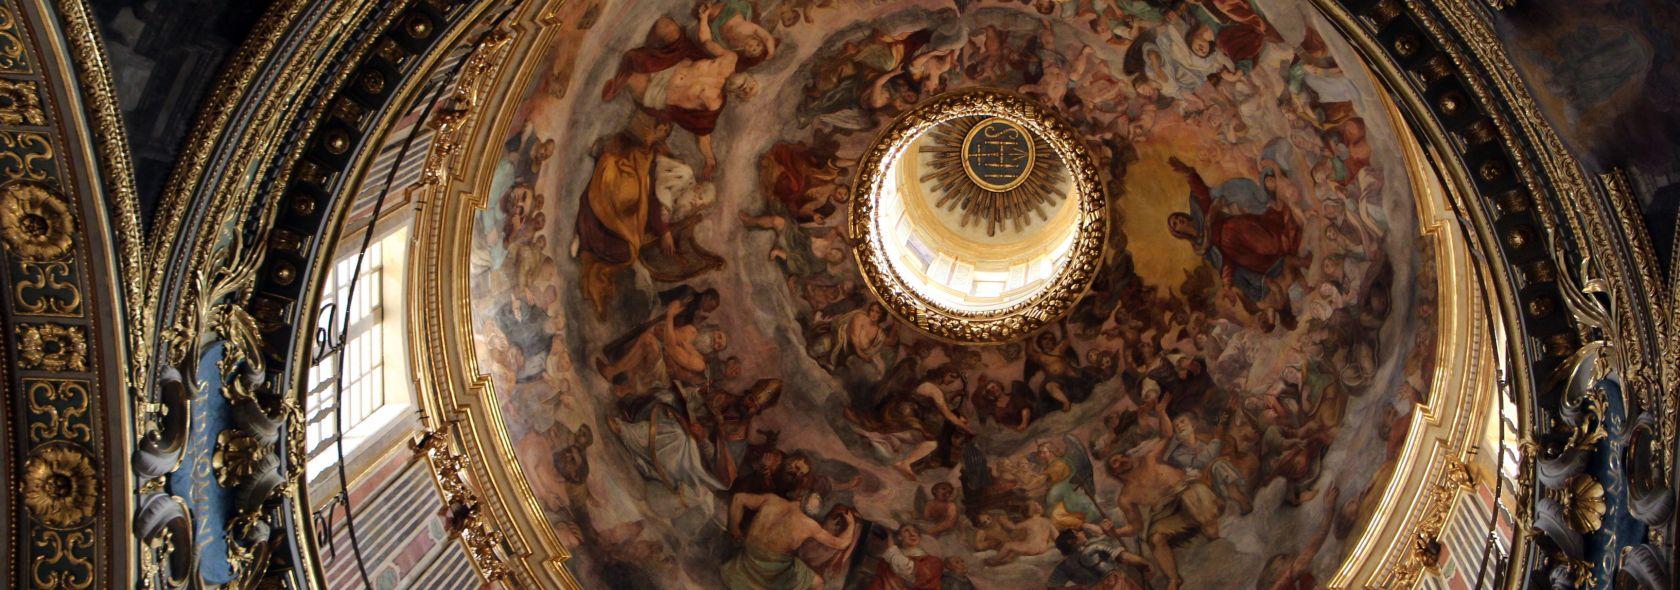 Giovanni Battista Carlone, Affreschi della cupola foto: Sailko CC3.0